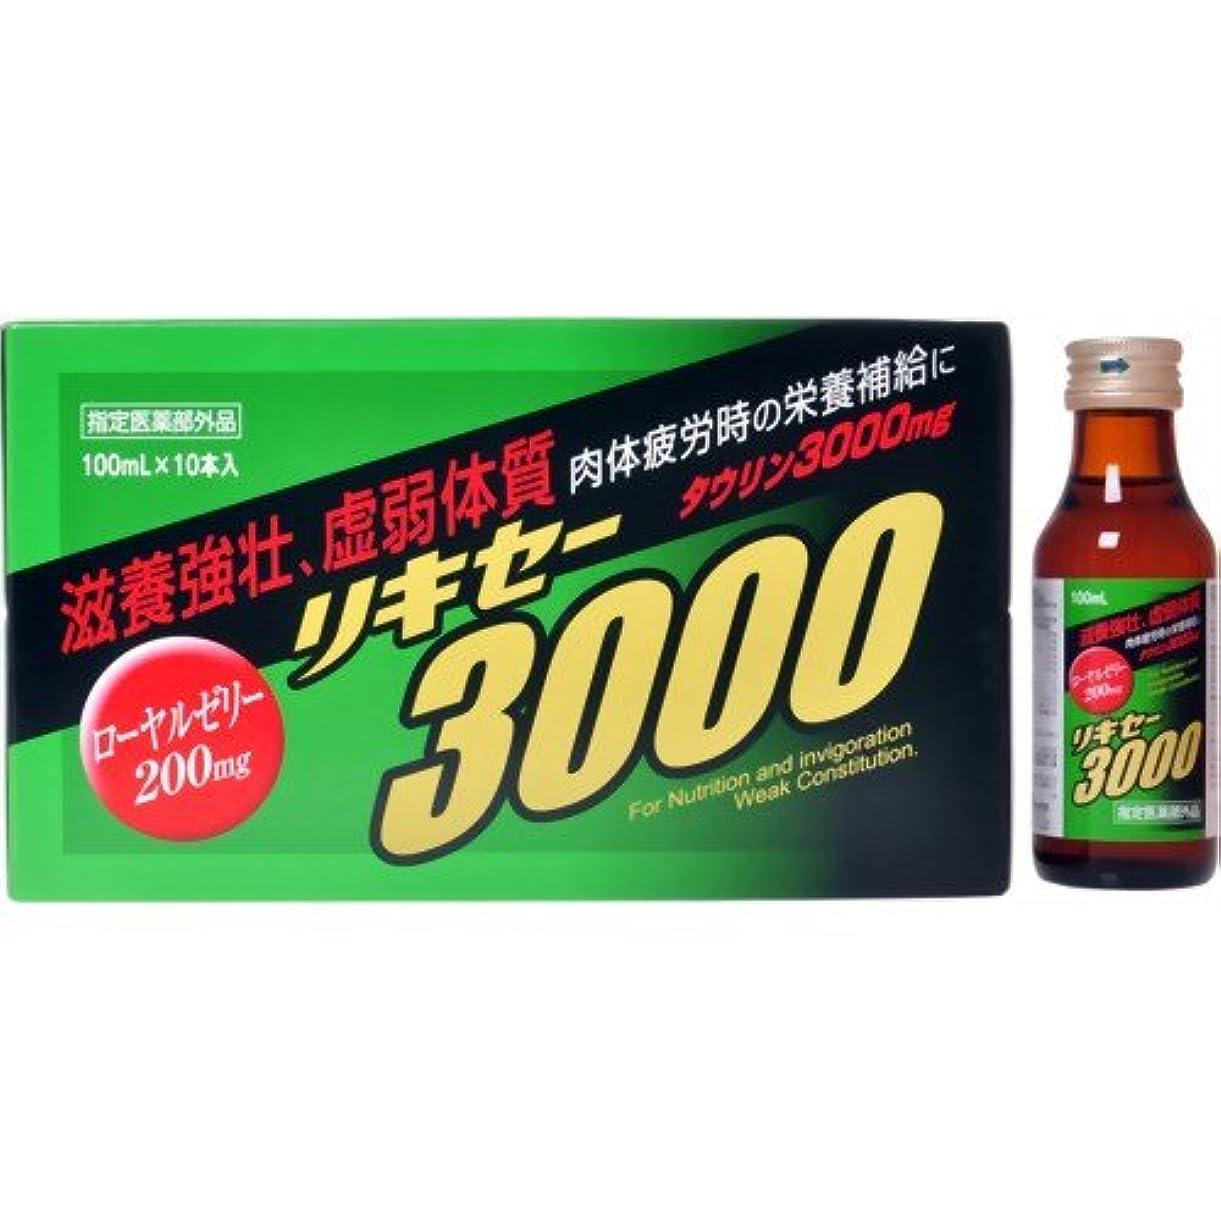 嫌悪アプトクマノミ田村 リキセー3000 100mlx10本 [指定医薬部外品]